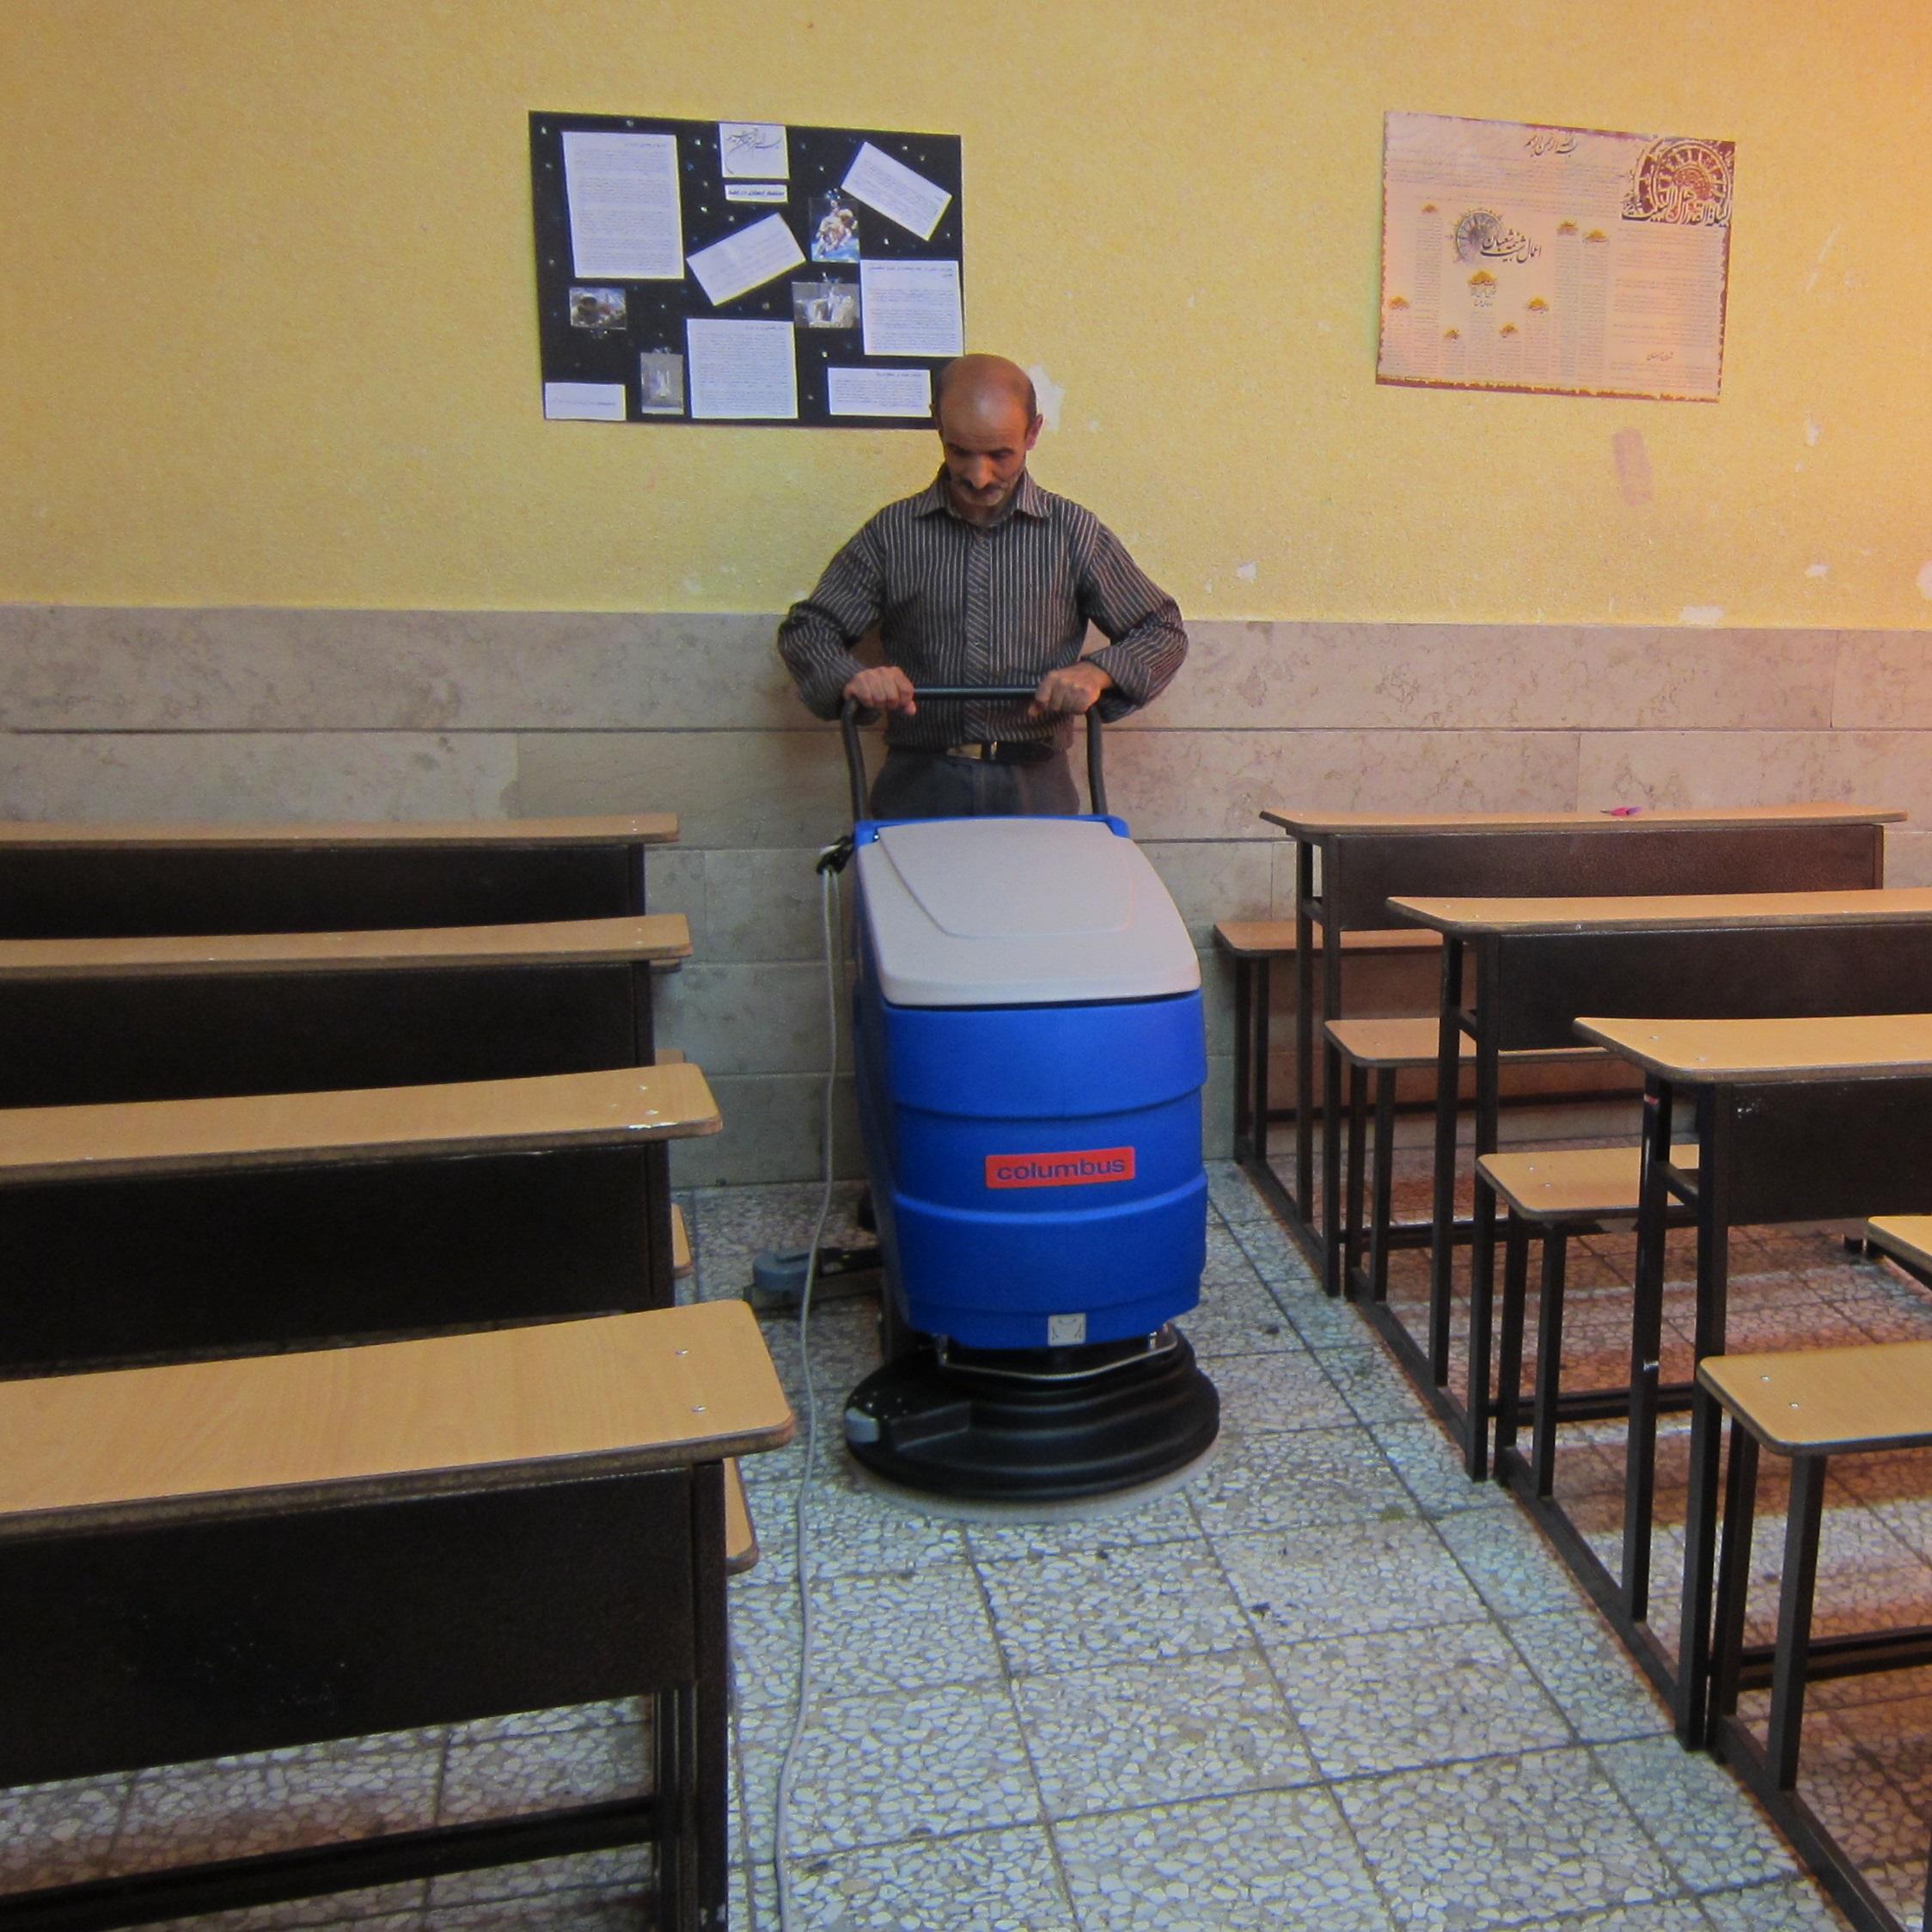 اسکرابر مناسب مراکز آموزشی